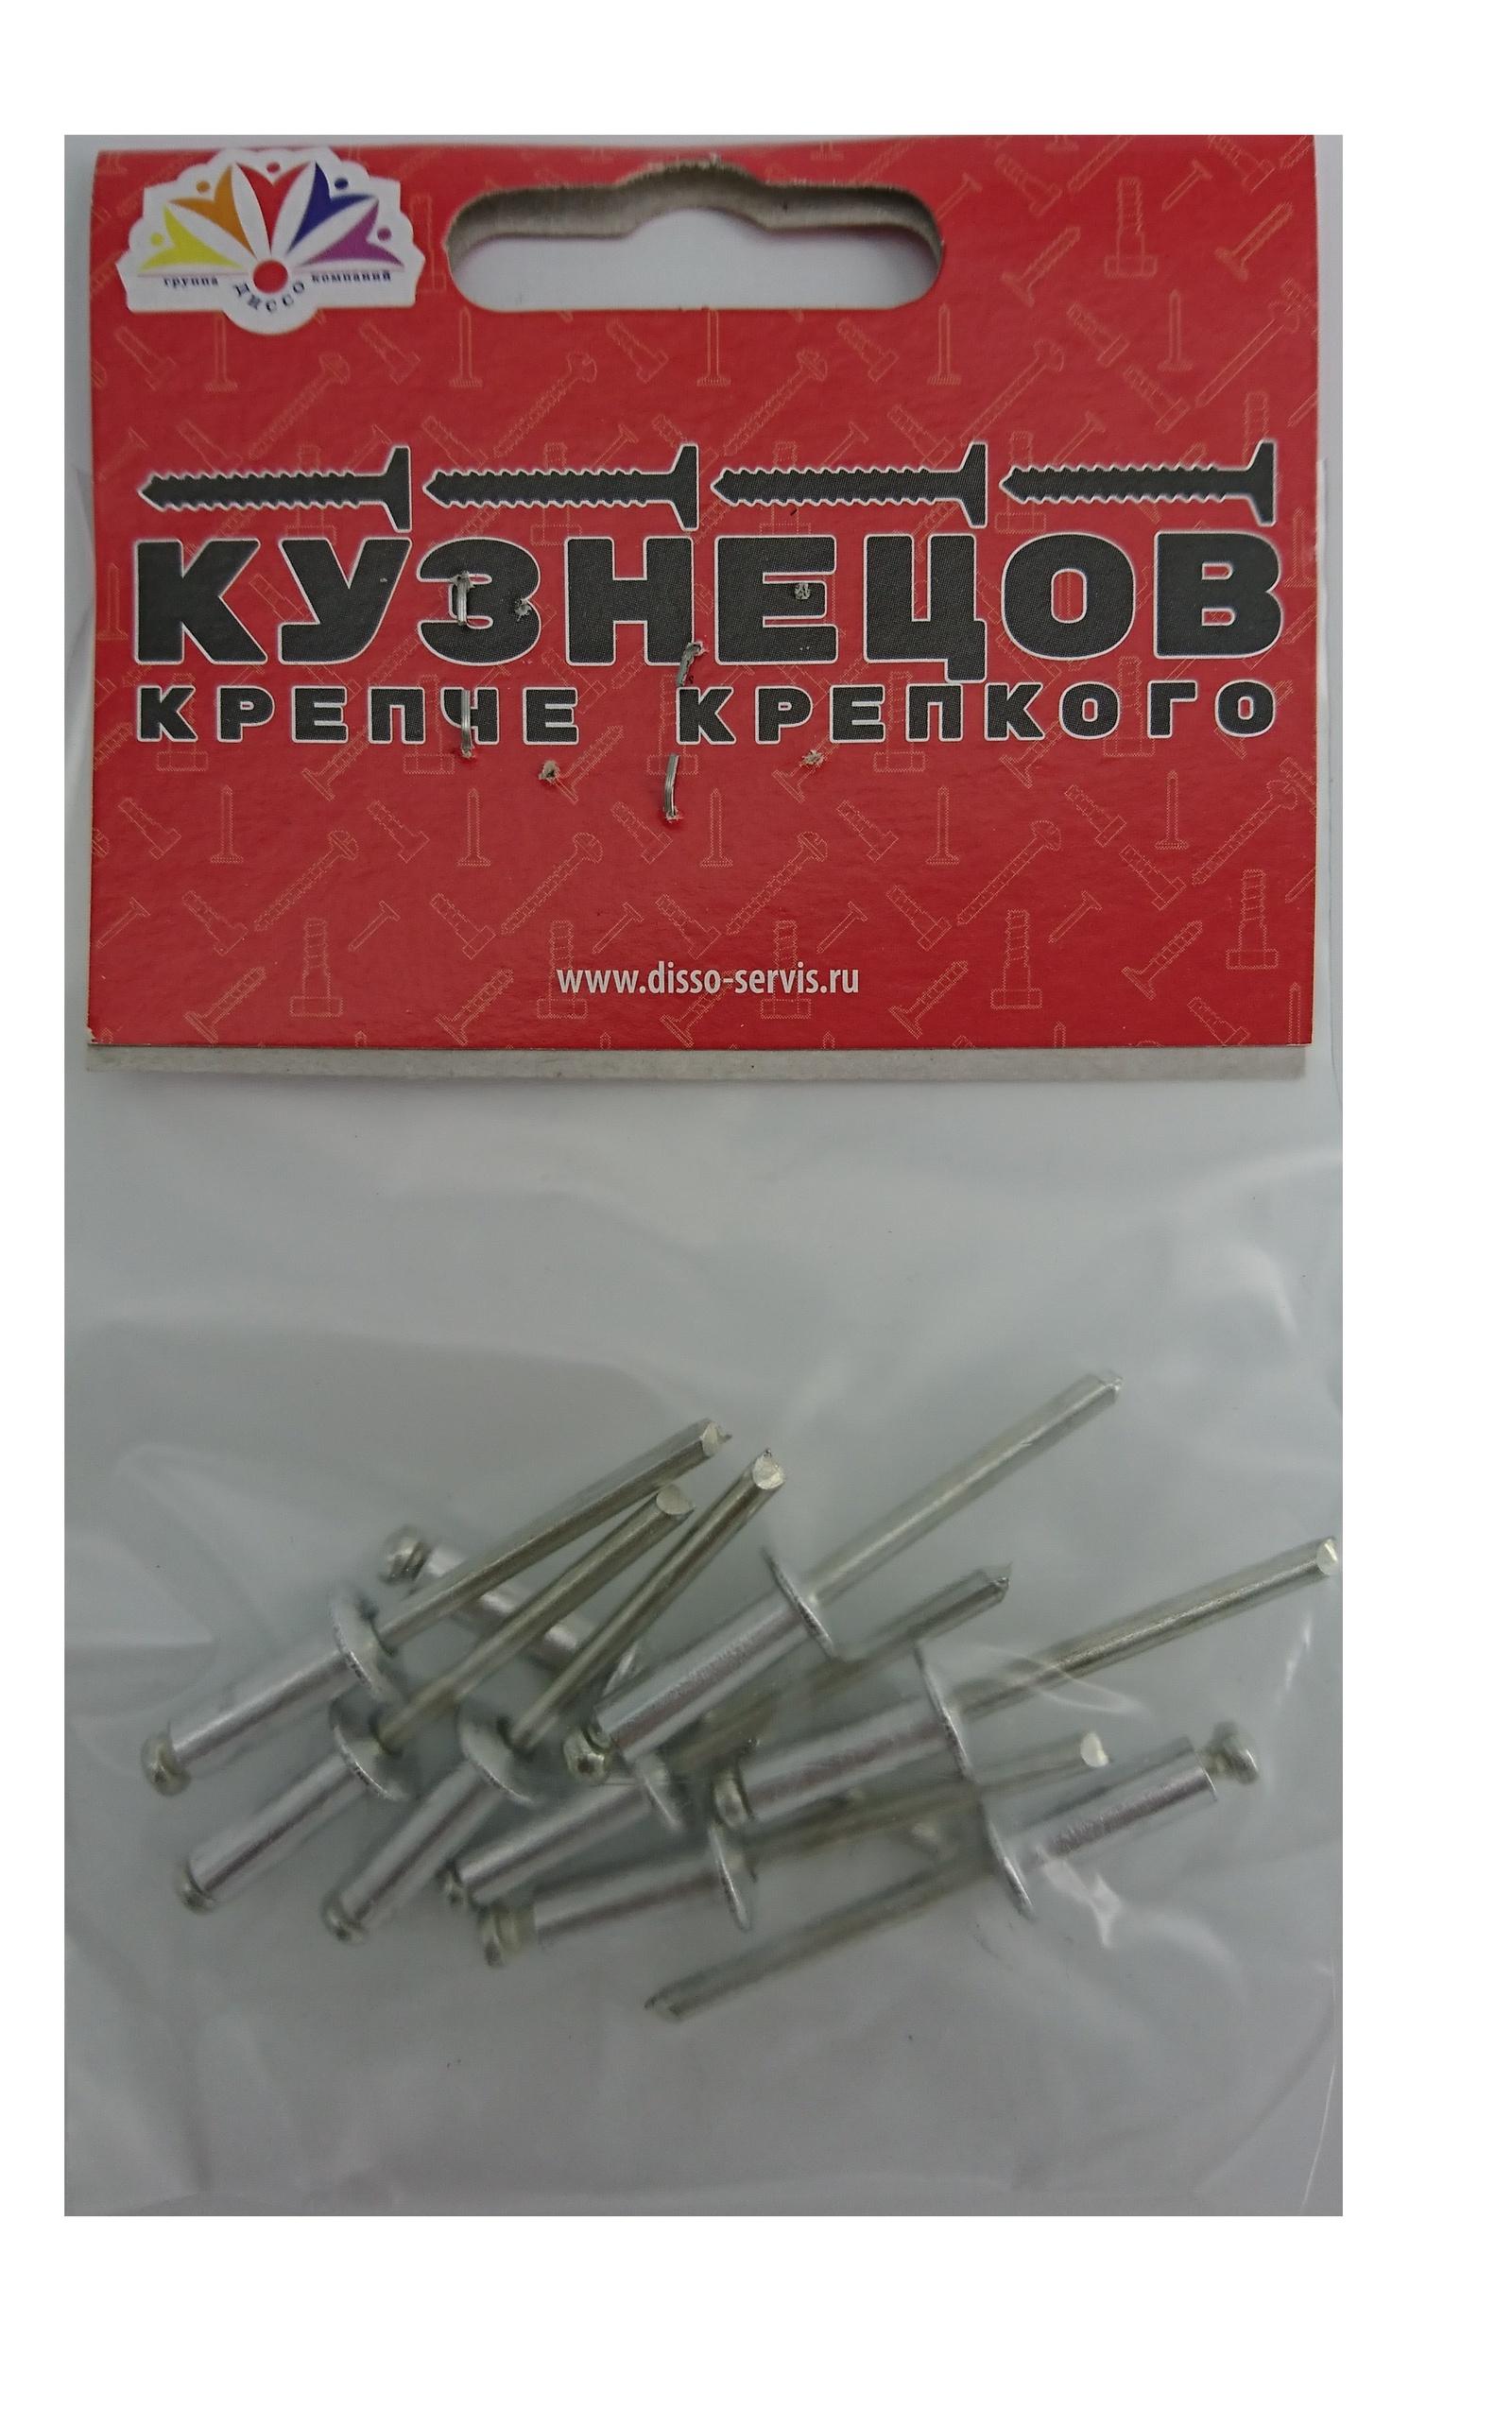 Заклепка вытяжная Кузнецов 4,8х14 9 шт. в упаковке цена и фото